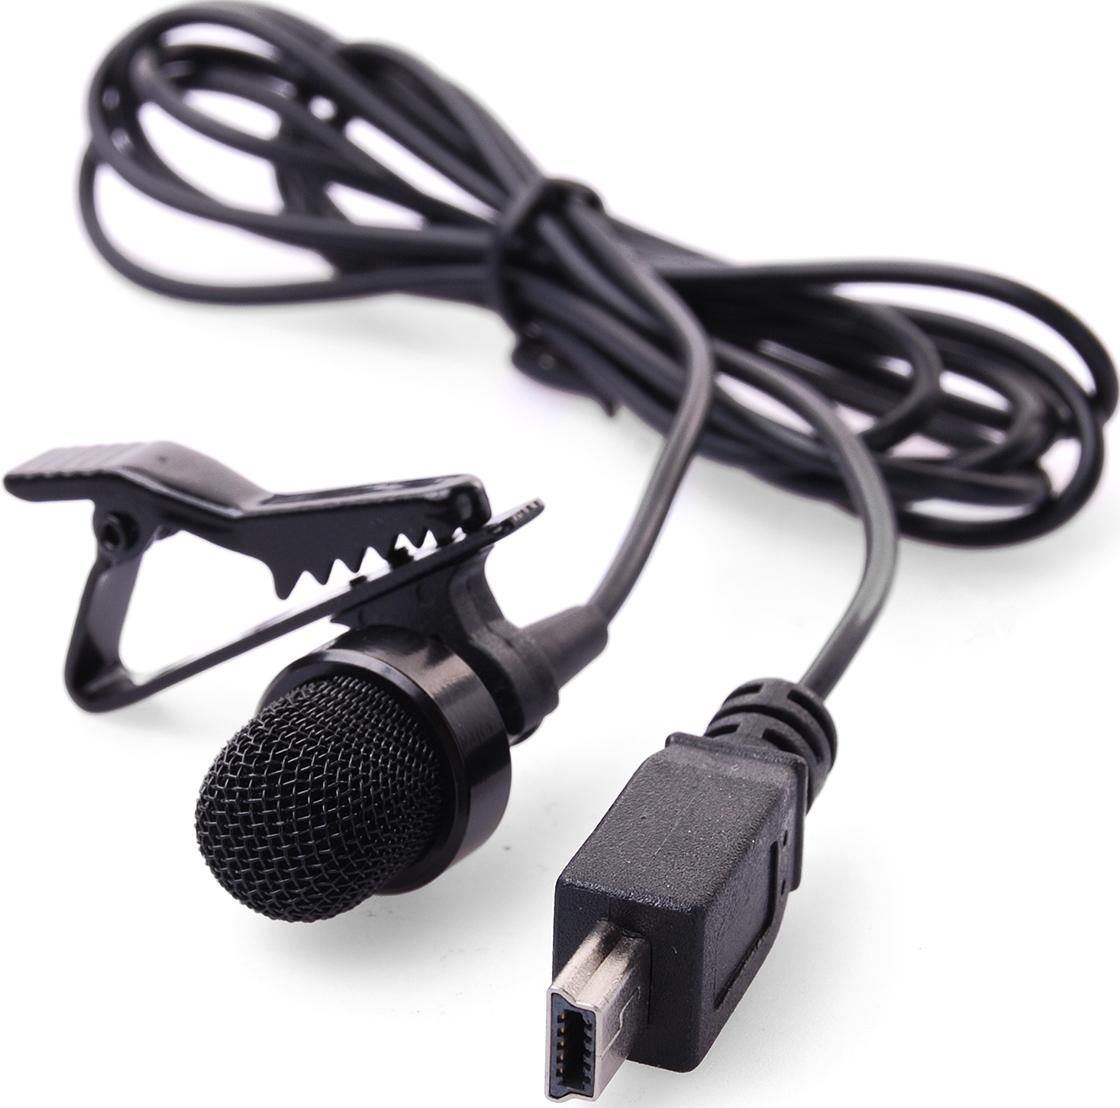 Микрофон SJCAM для экшн камер SJ6 Legend, SJ7 Star, SJ360